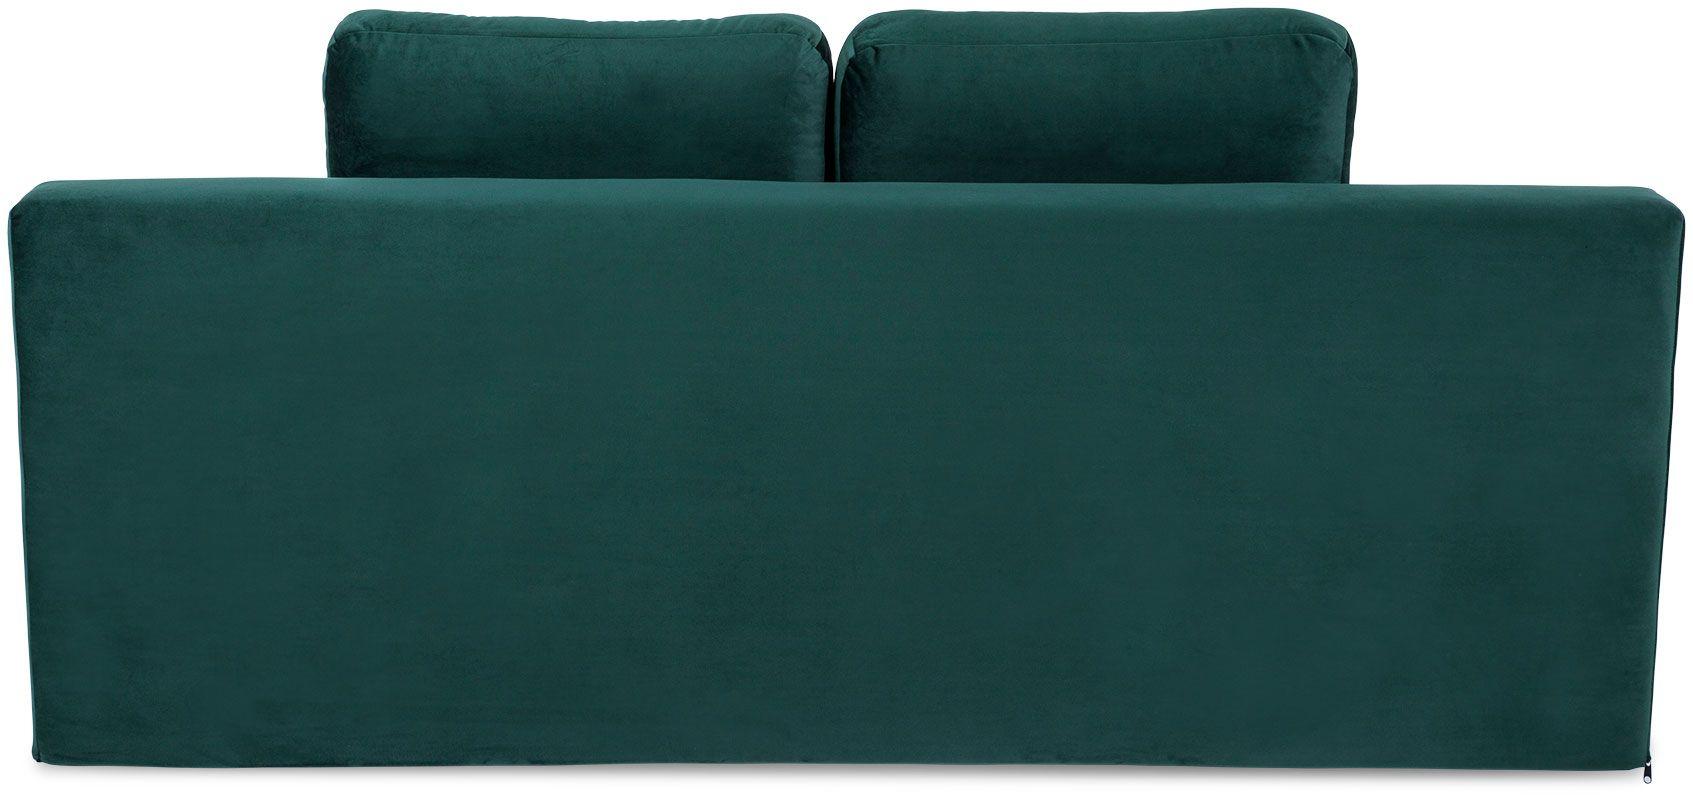 sofa nexia 11